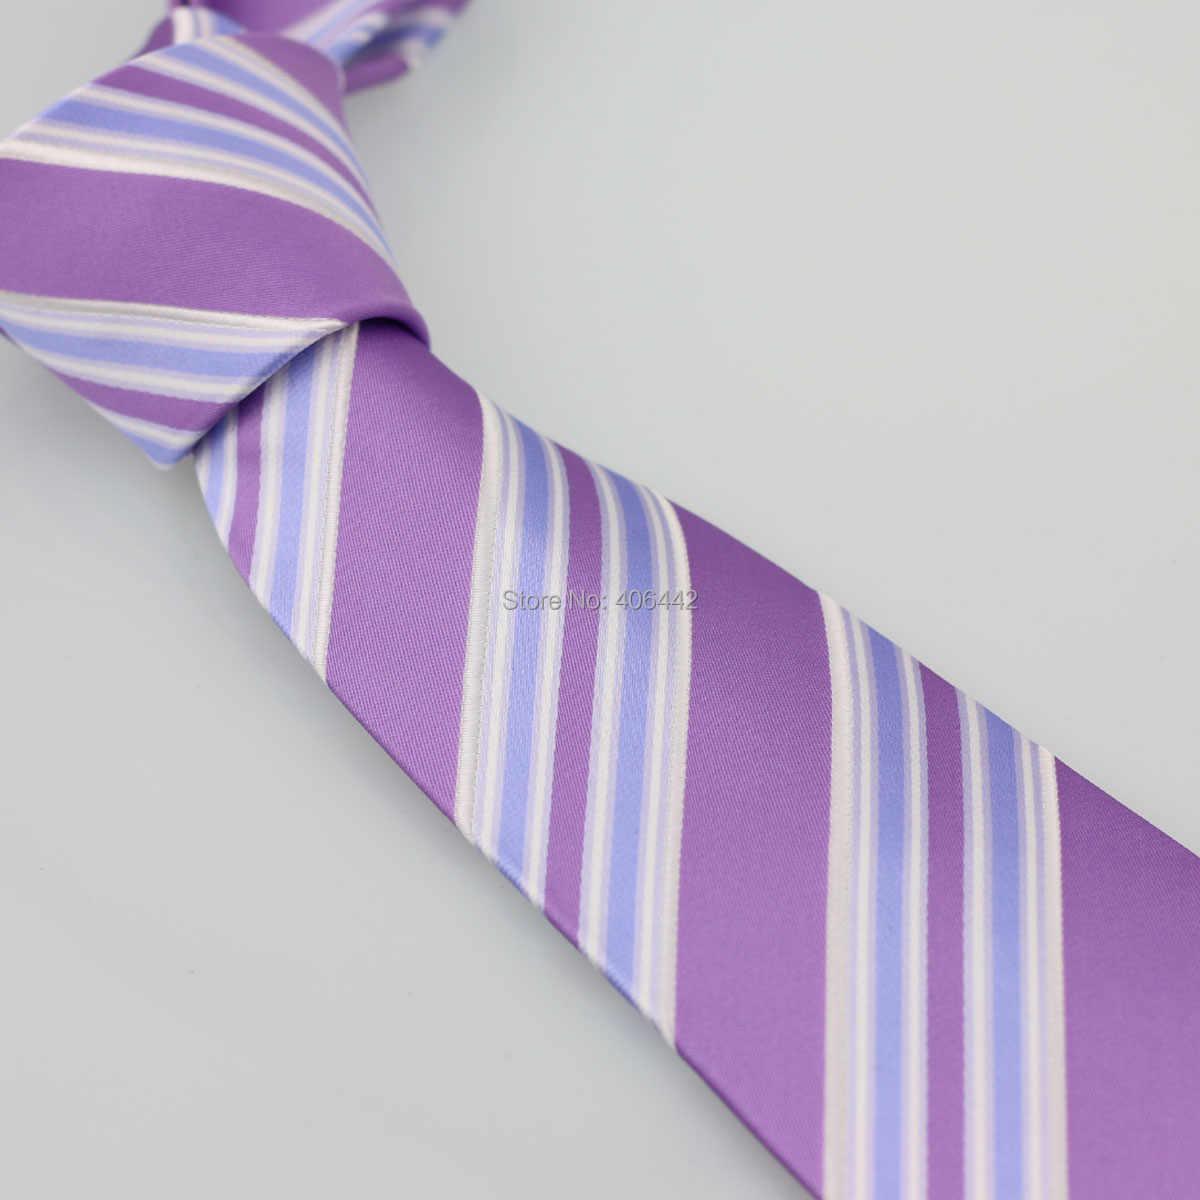 Coachella pria Ungu Dengan Biru Putih Diagonal Stripes Jacquard Woven Dasi Formal Neck Tie untuk pria berpakaian kemeja pernikahan